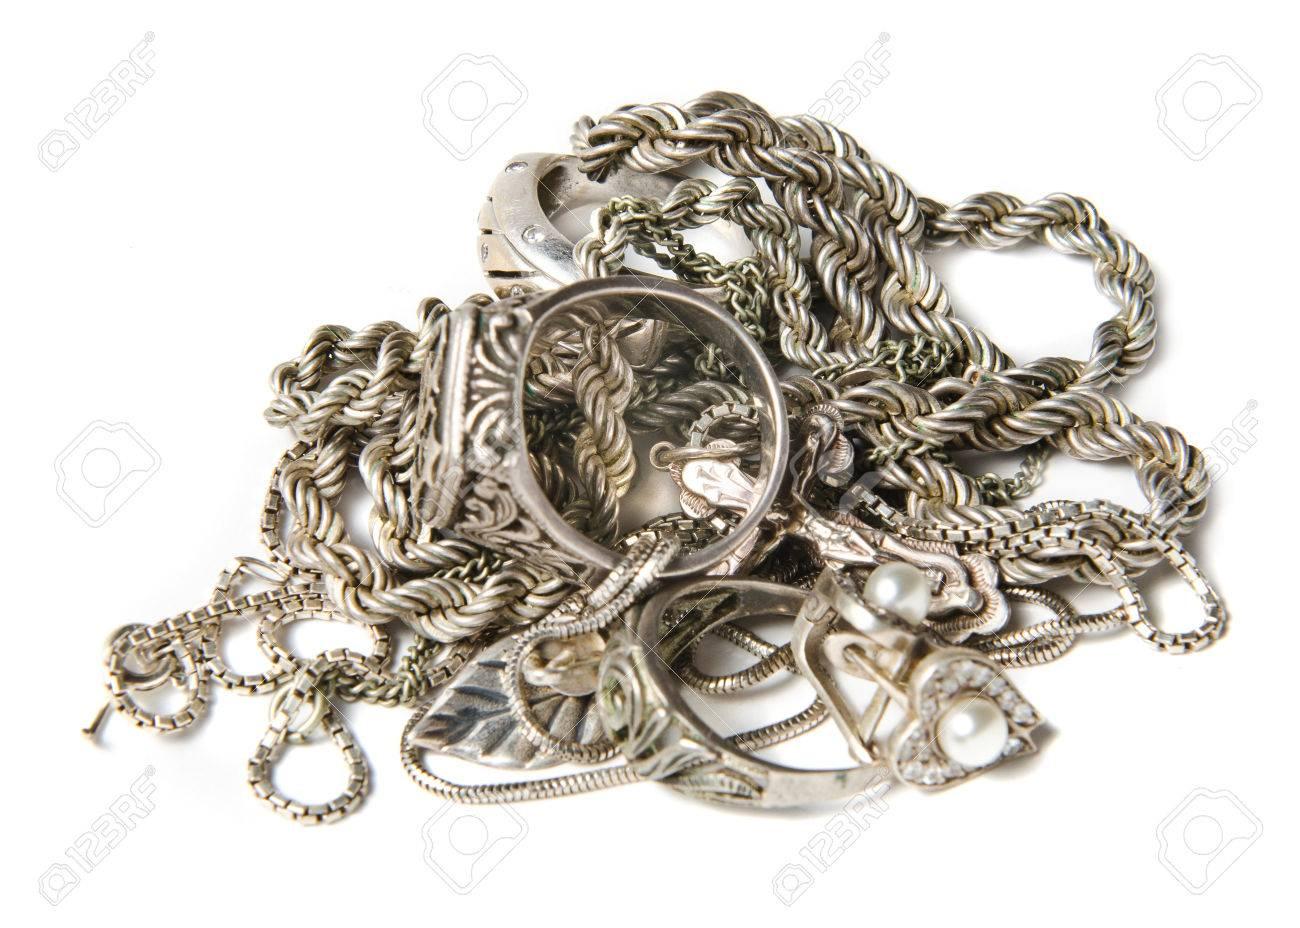 Vente au rabais 2019 images détaillées chaussures élégantes Solated tas de bijoux en or sur fond blanc chaînes, colliers, bracelets,  boucles d'oreilles, bagues et autres or de ferraille